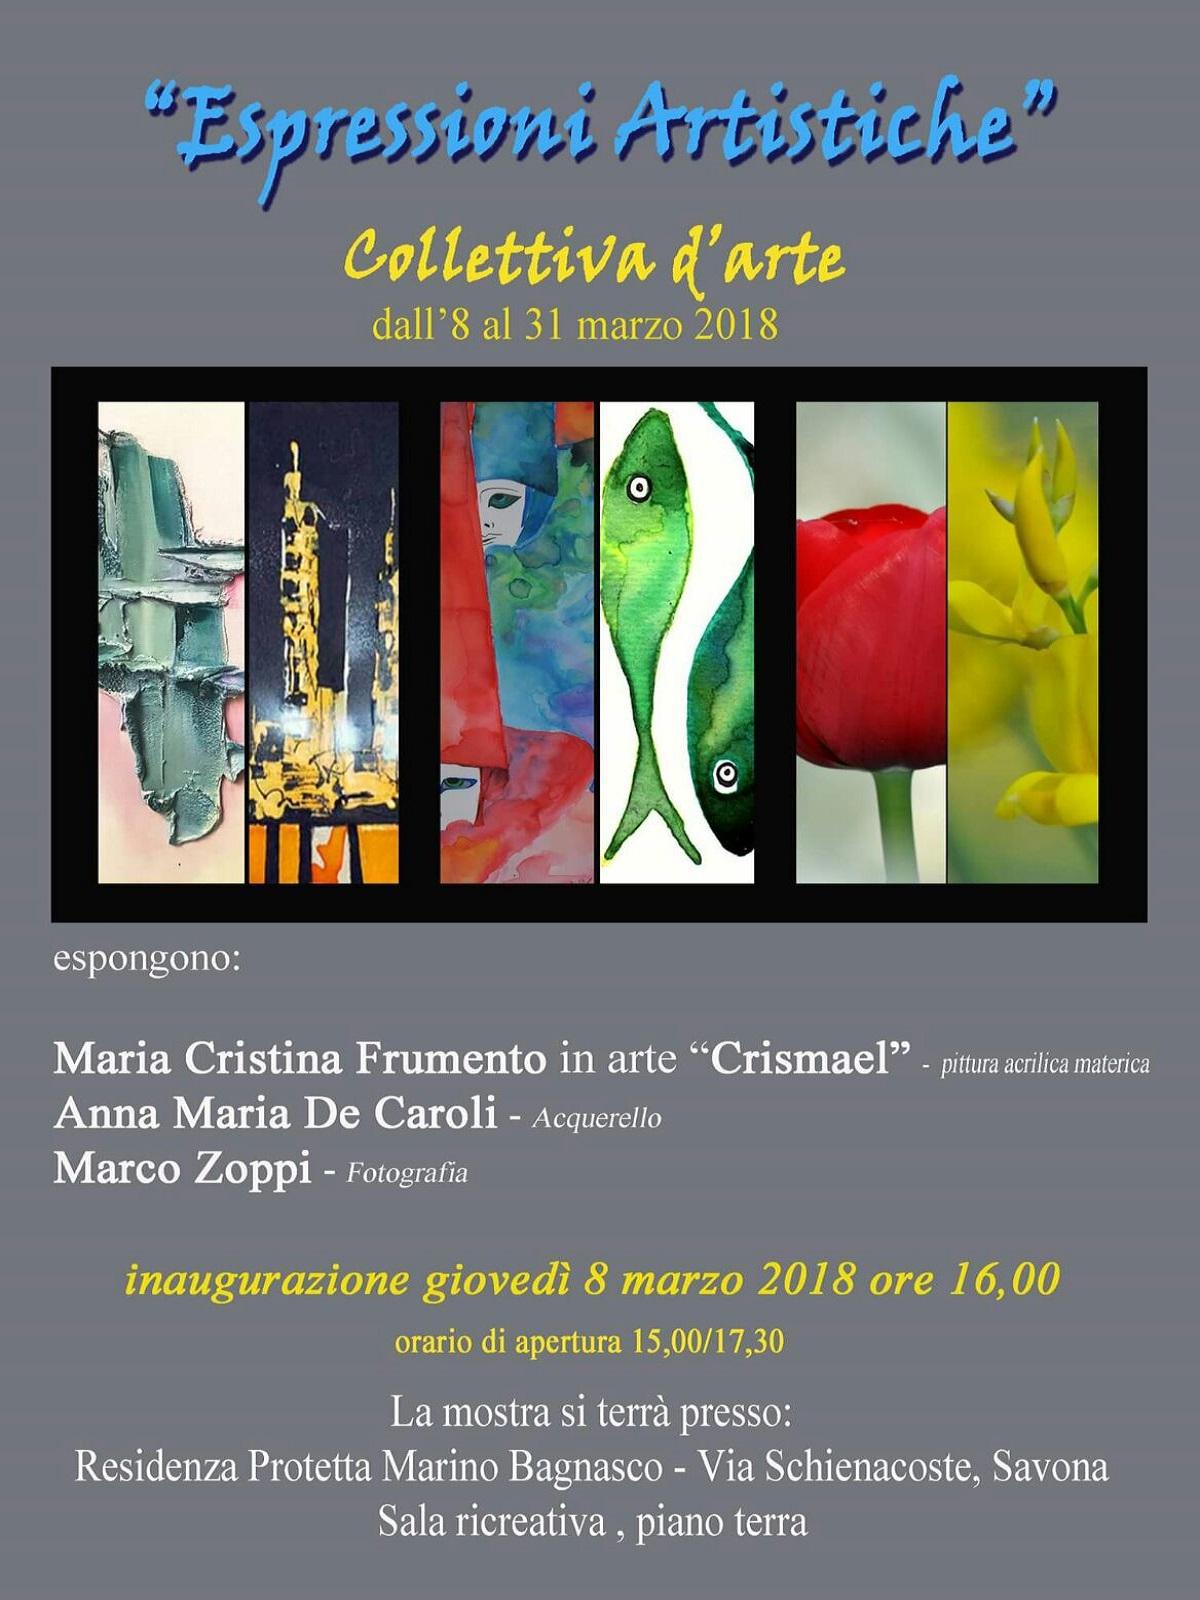 Mostra Espressioni Artistiche Residenza Protetta Marino Bagnasco - Opere Sociali Servizi Savona